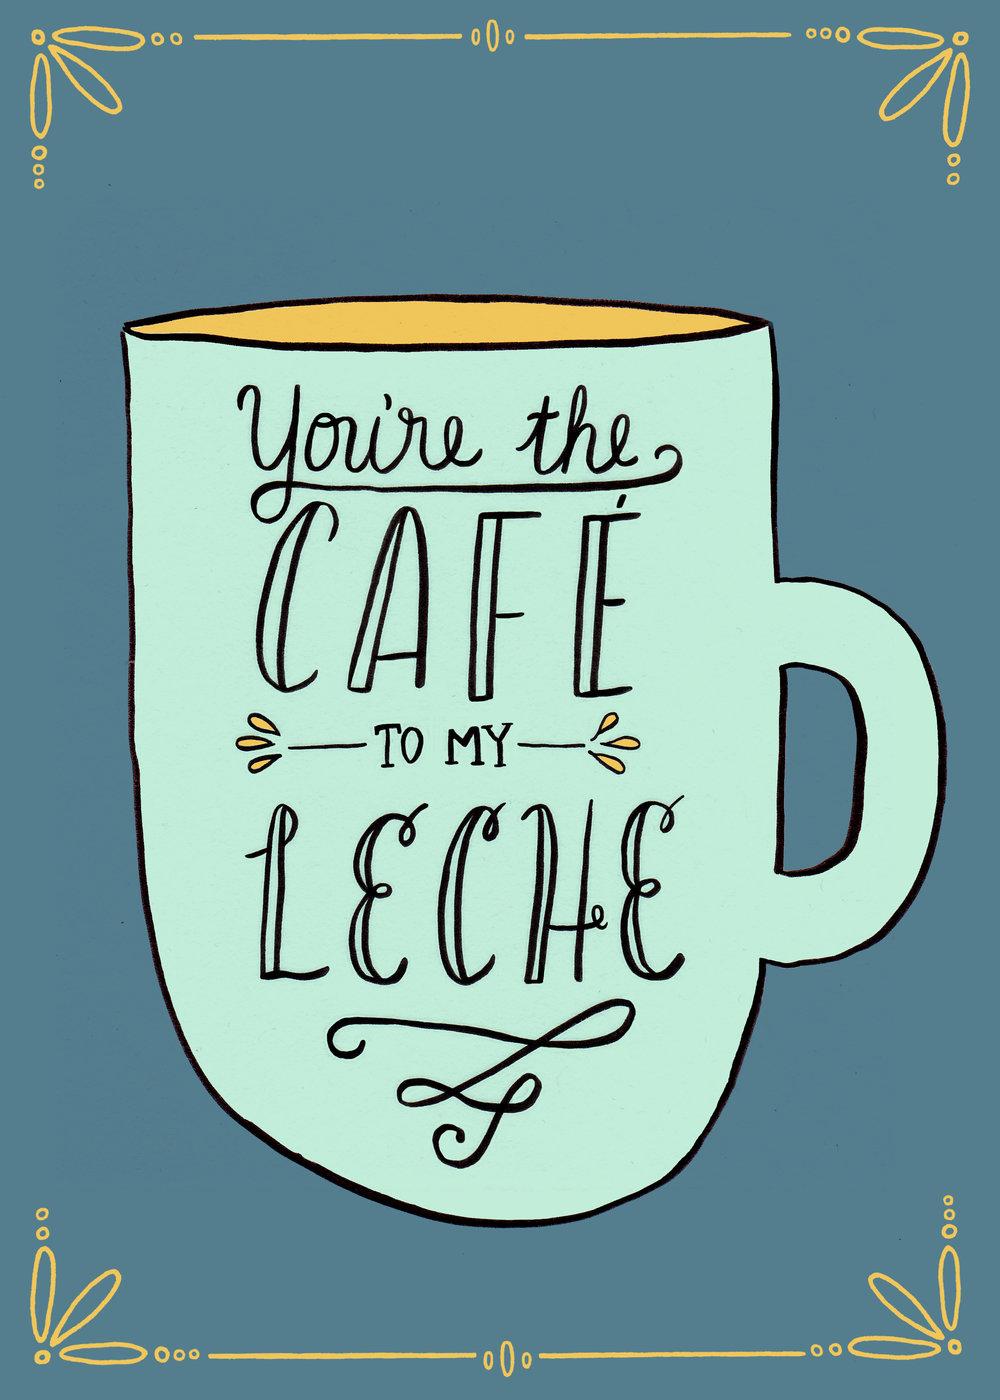 Cafe-Leche-Final.jpg